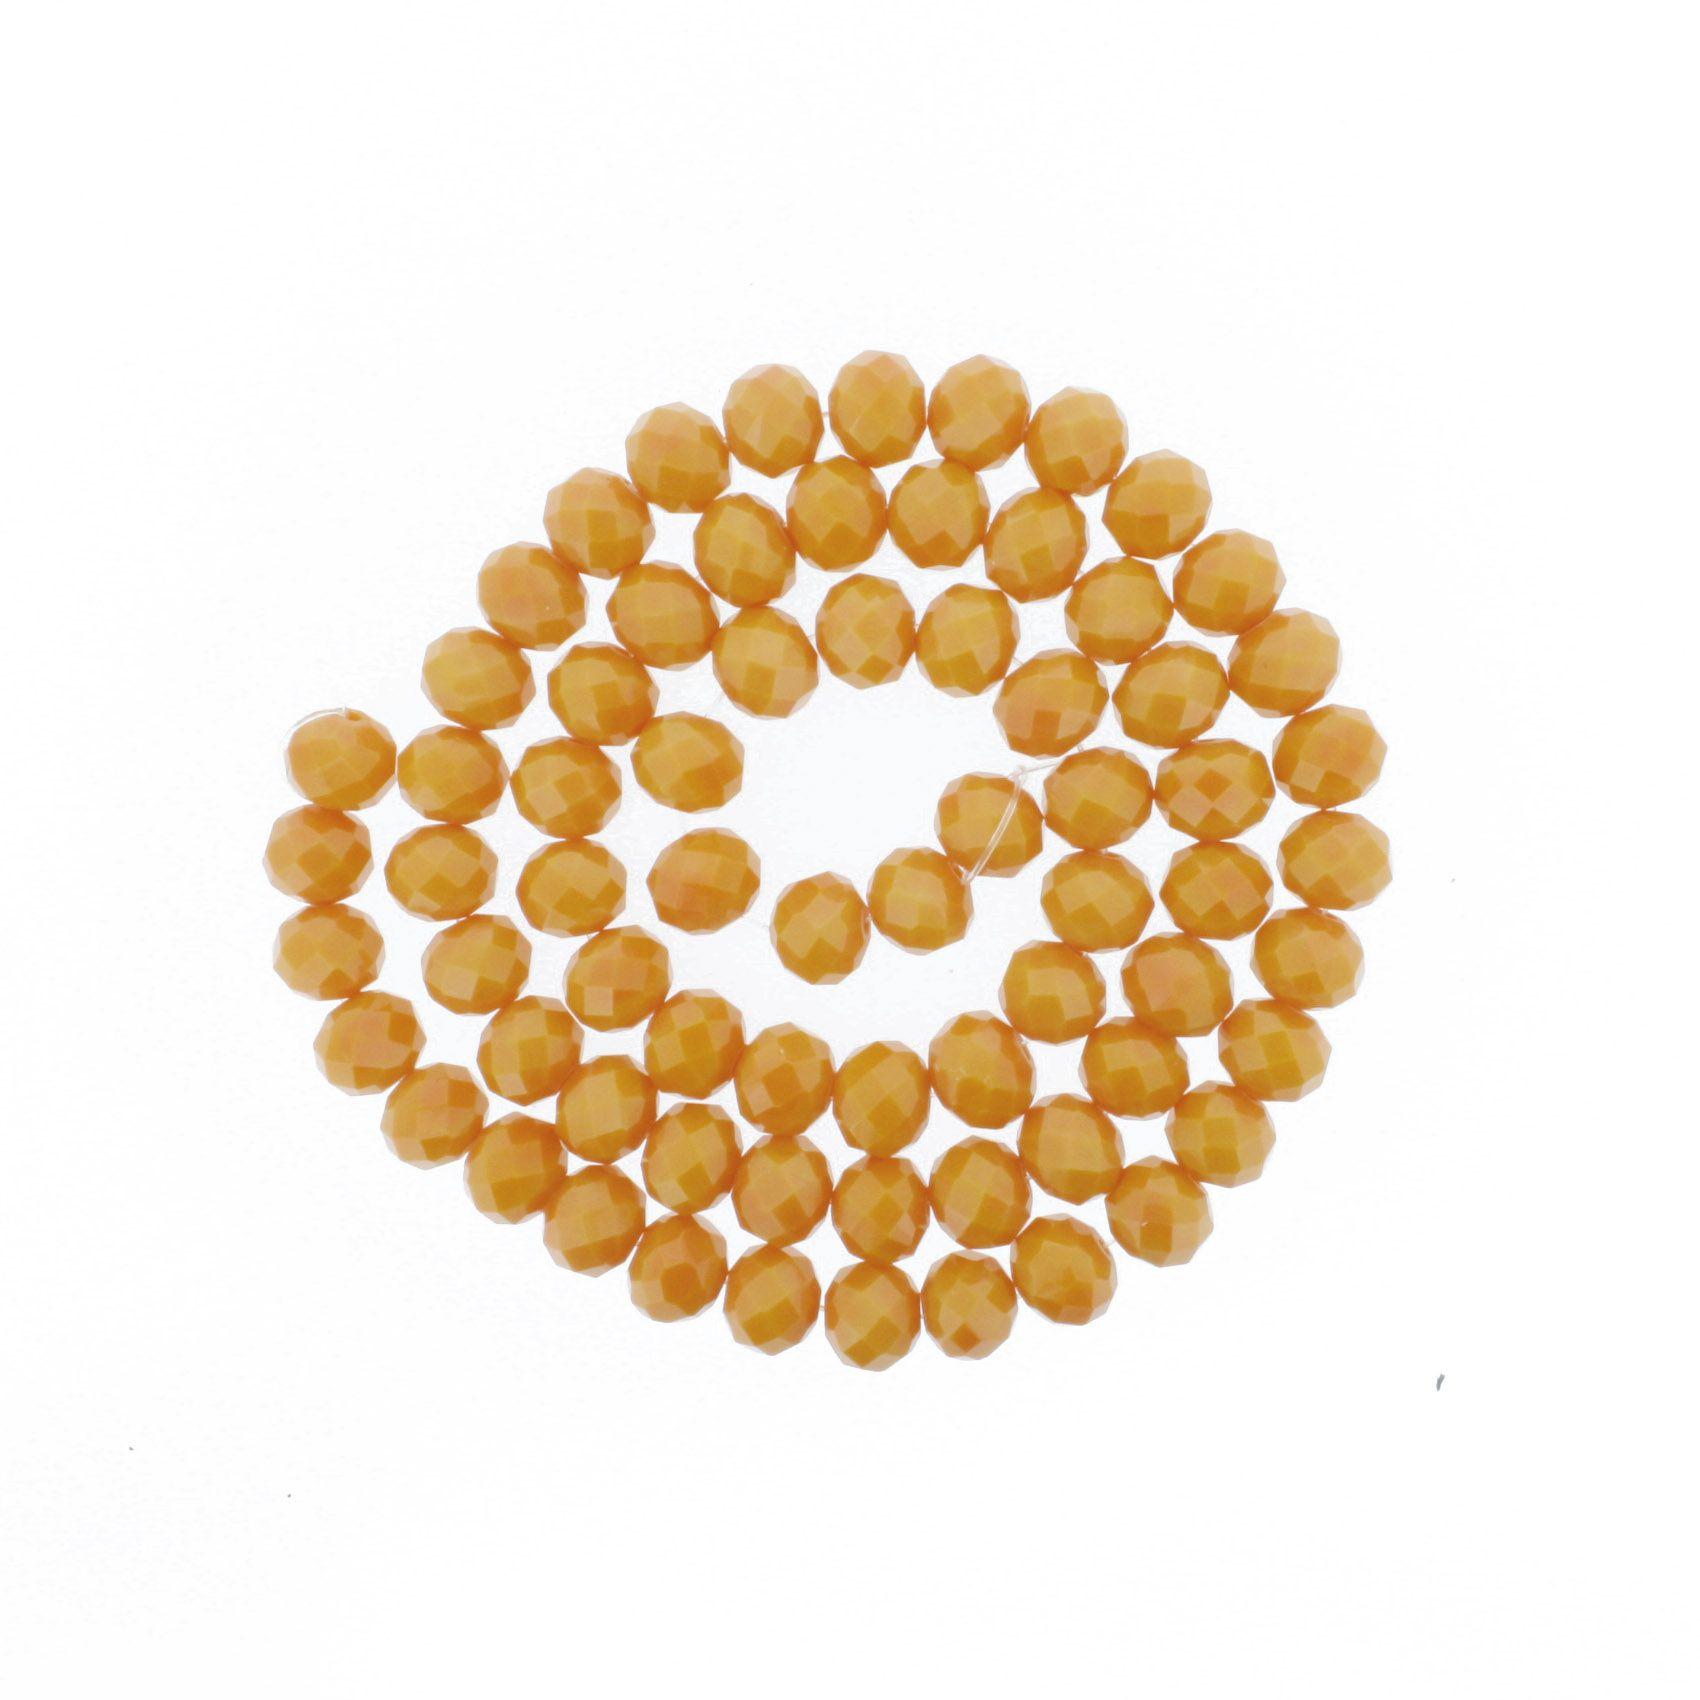 Fio de Cristal - Flat® - Laranja - 10mm  - Stéphanie Bijoux® - Peças para Bijuterias e Artesanato